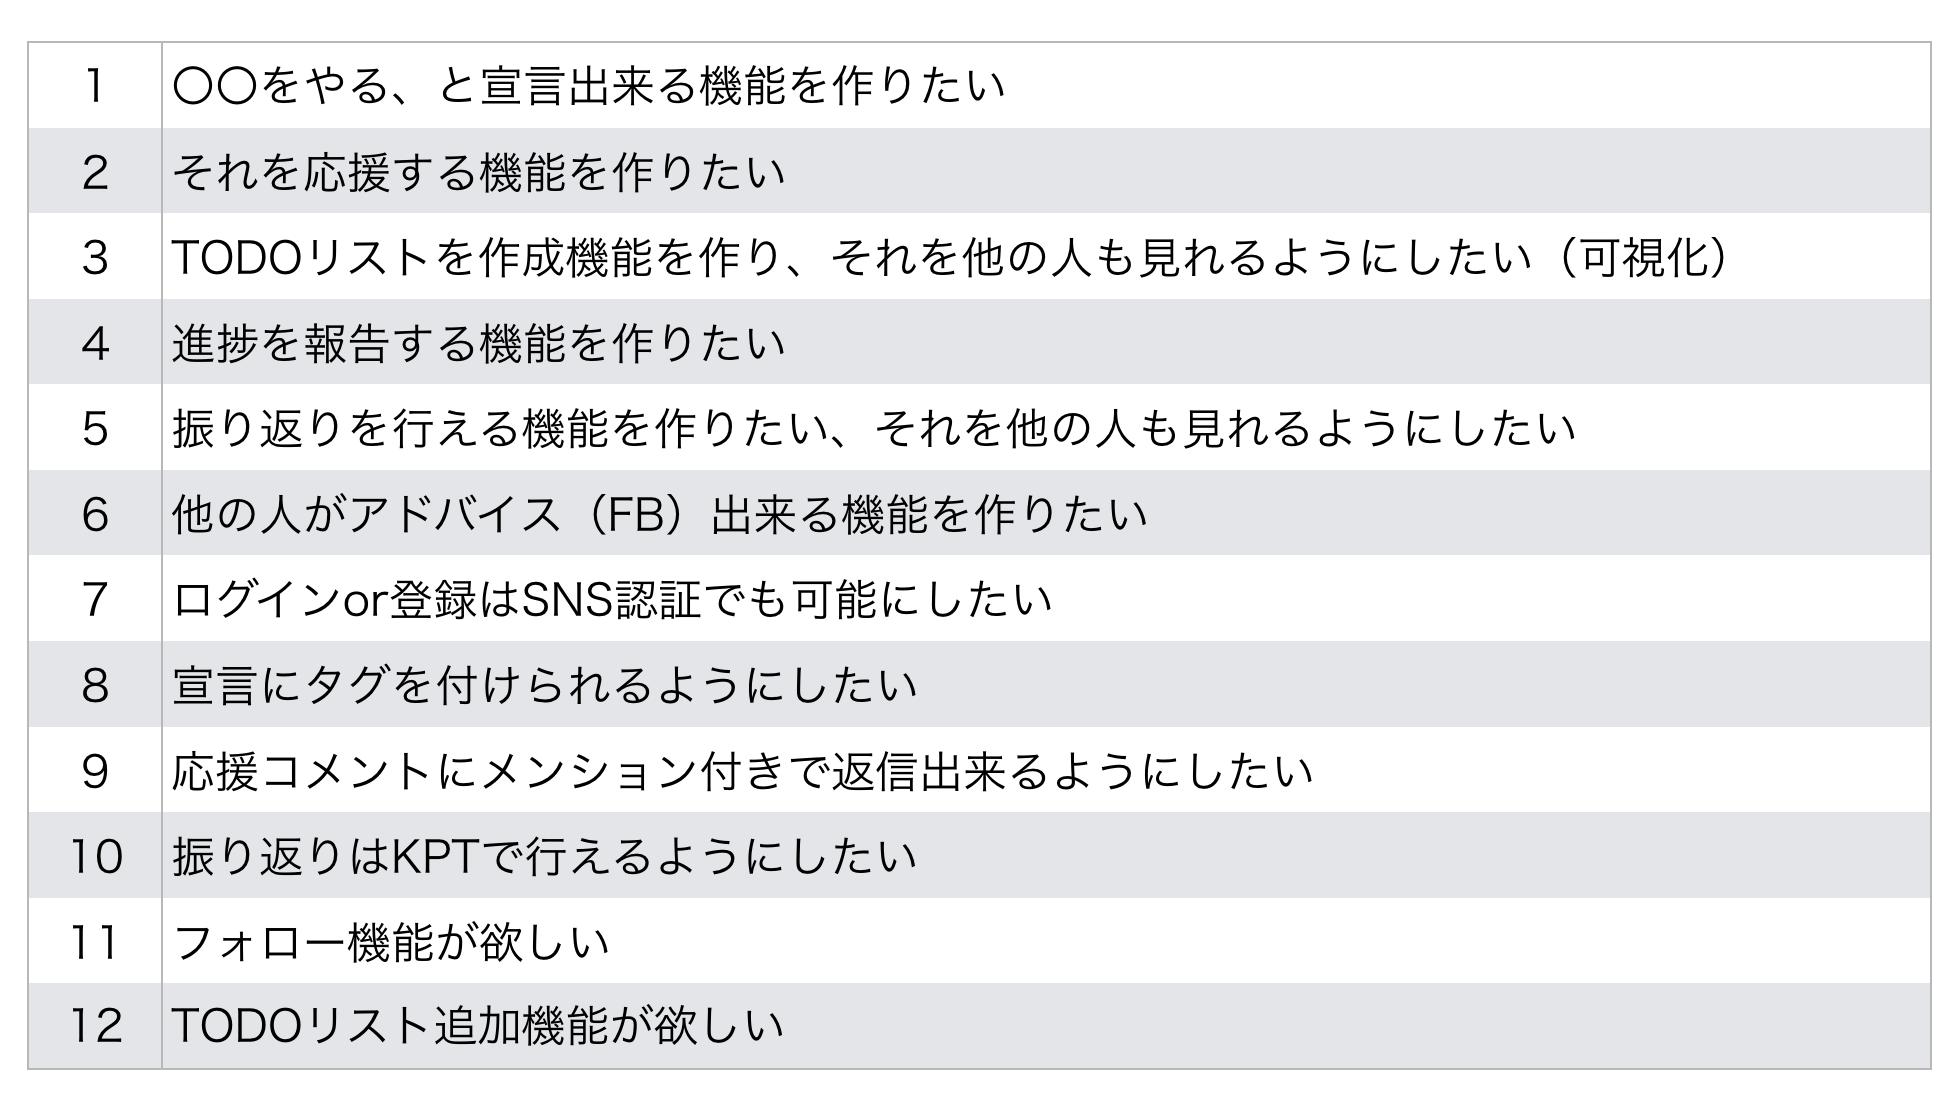 スクリーンショット 2019-01-20 20.28.29.png